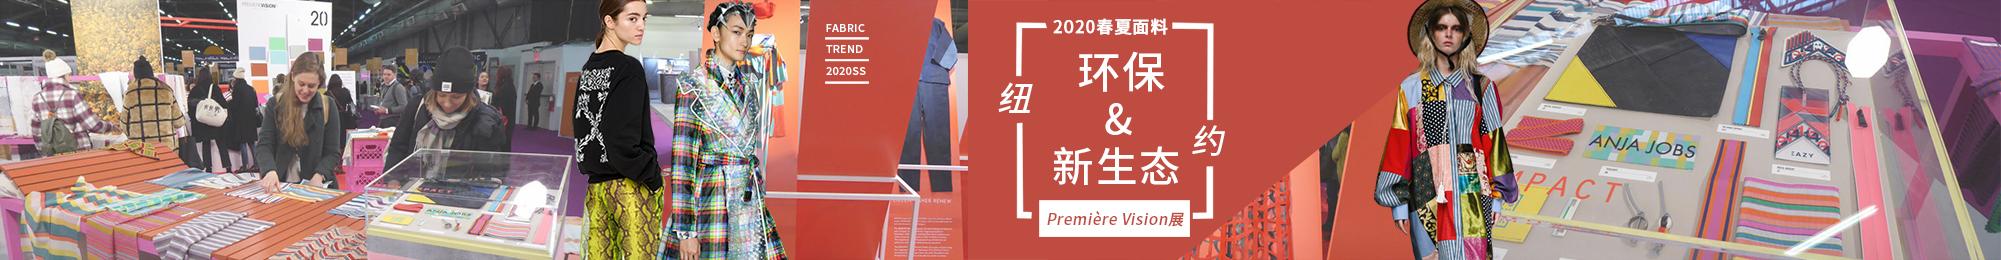 環保新生態 -- 2020春夏紐約Première Vision展女裝面料分析